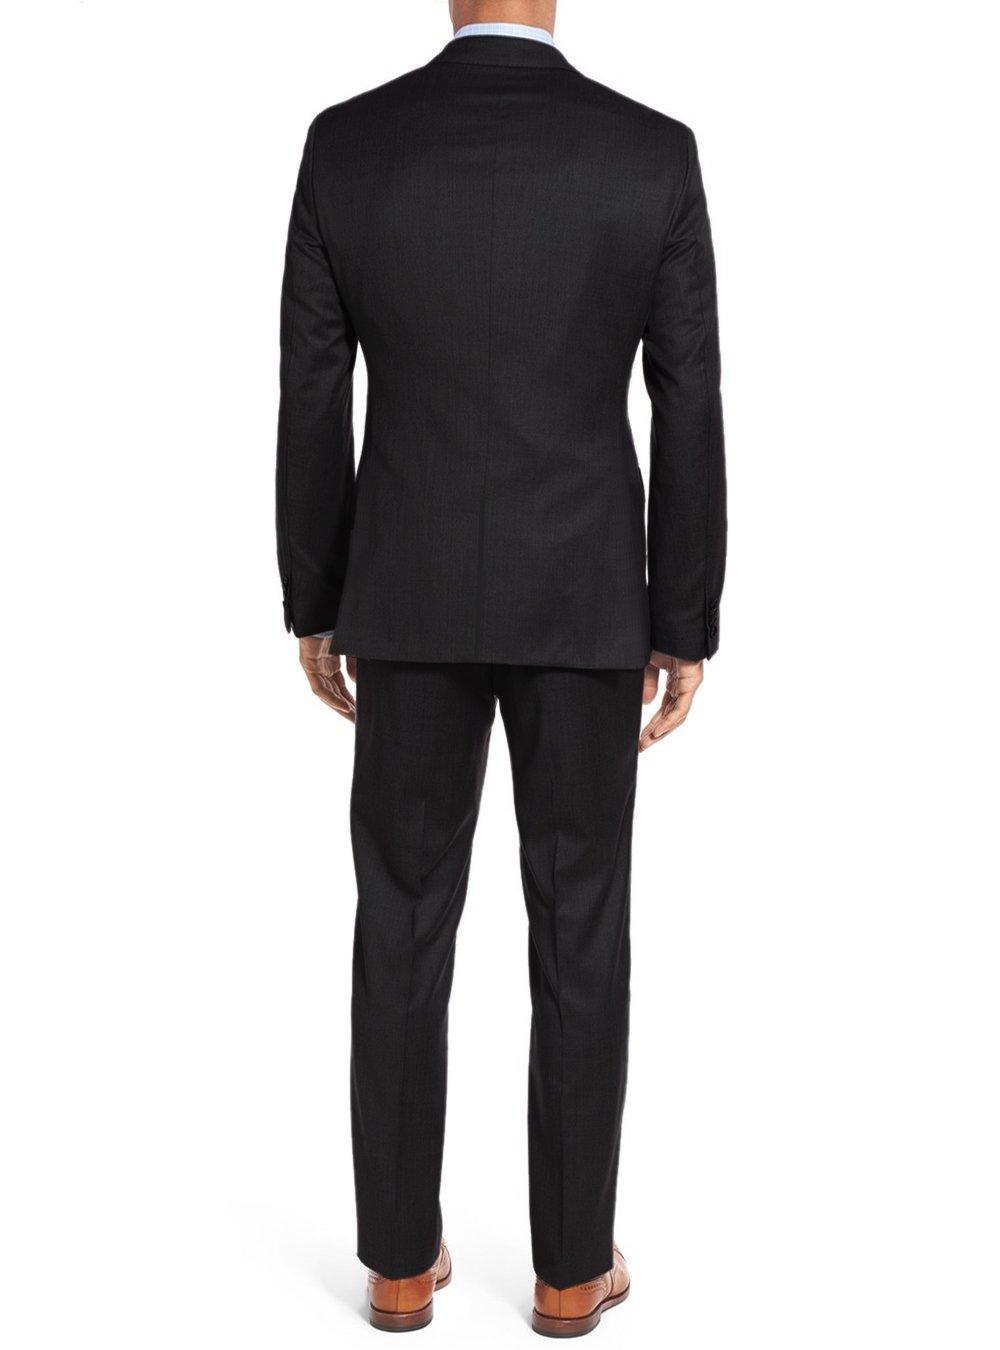 Salvatore Exte Men's 3-piece Suit Set Two Button Blazer Jacket Pants Tux Vest (40 Short US / 50S EU / W 34'', Black) by Salvatore Exte (Image #2)